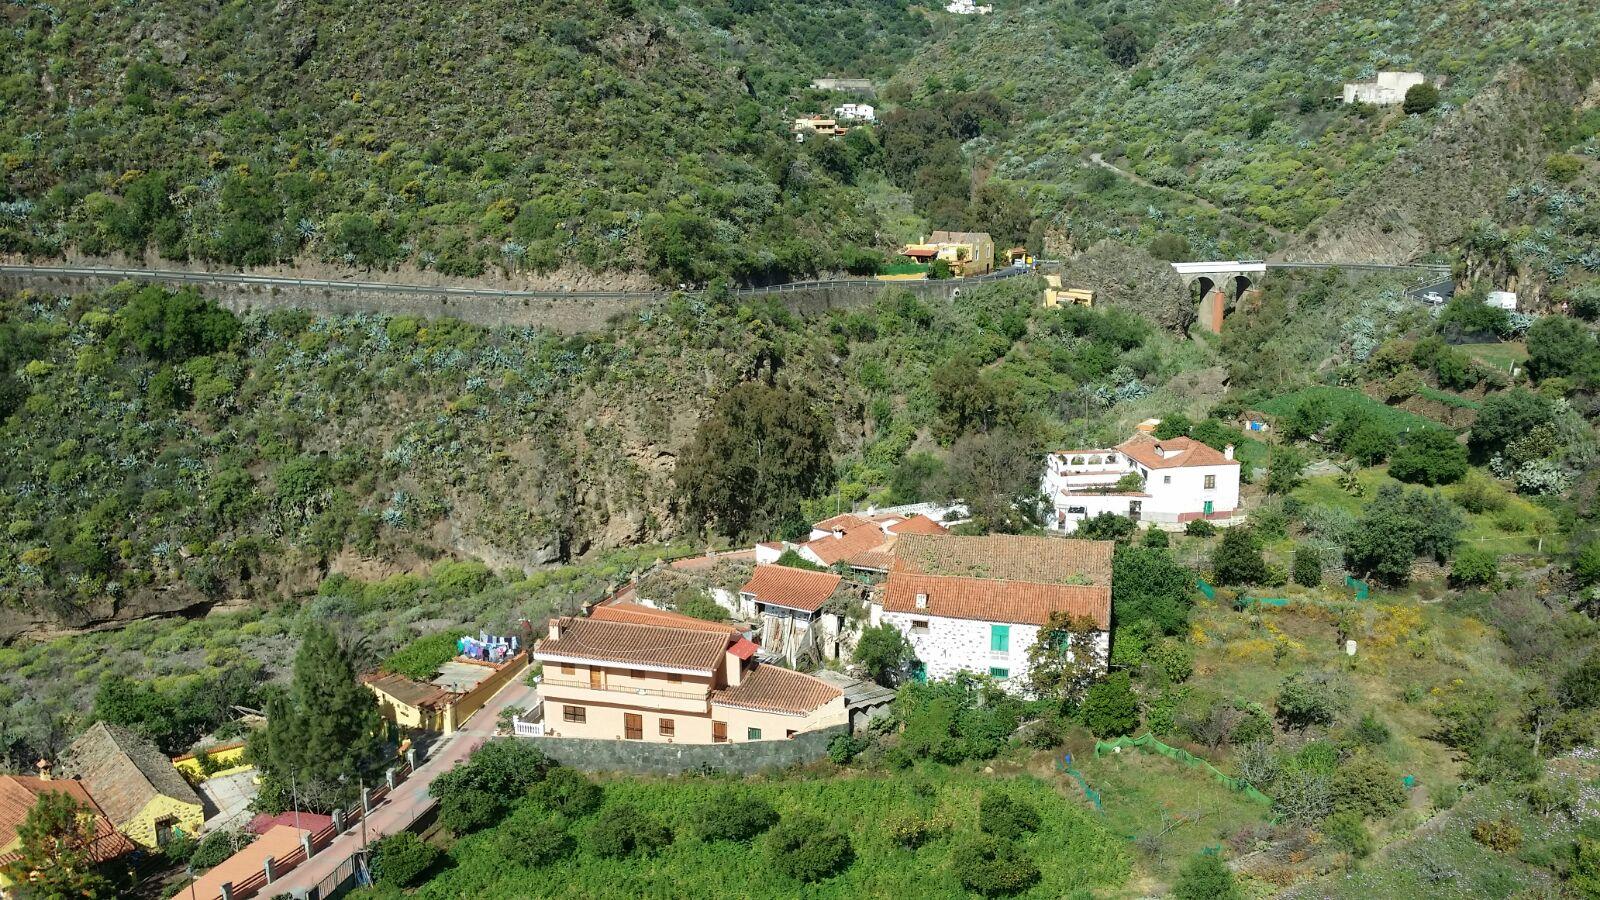 El blog de joaqu n nieto visita del ceip alcaravaneras a for Ceip ciudad jardin